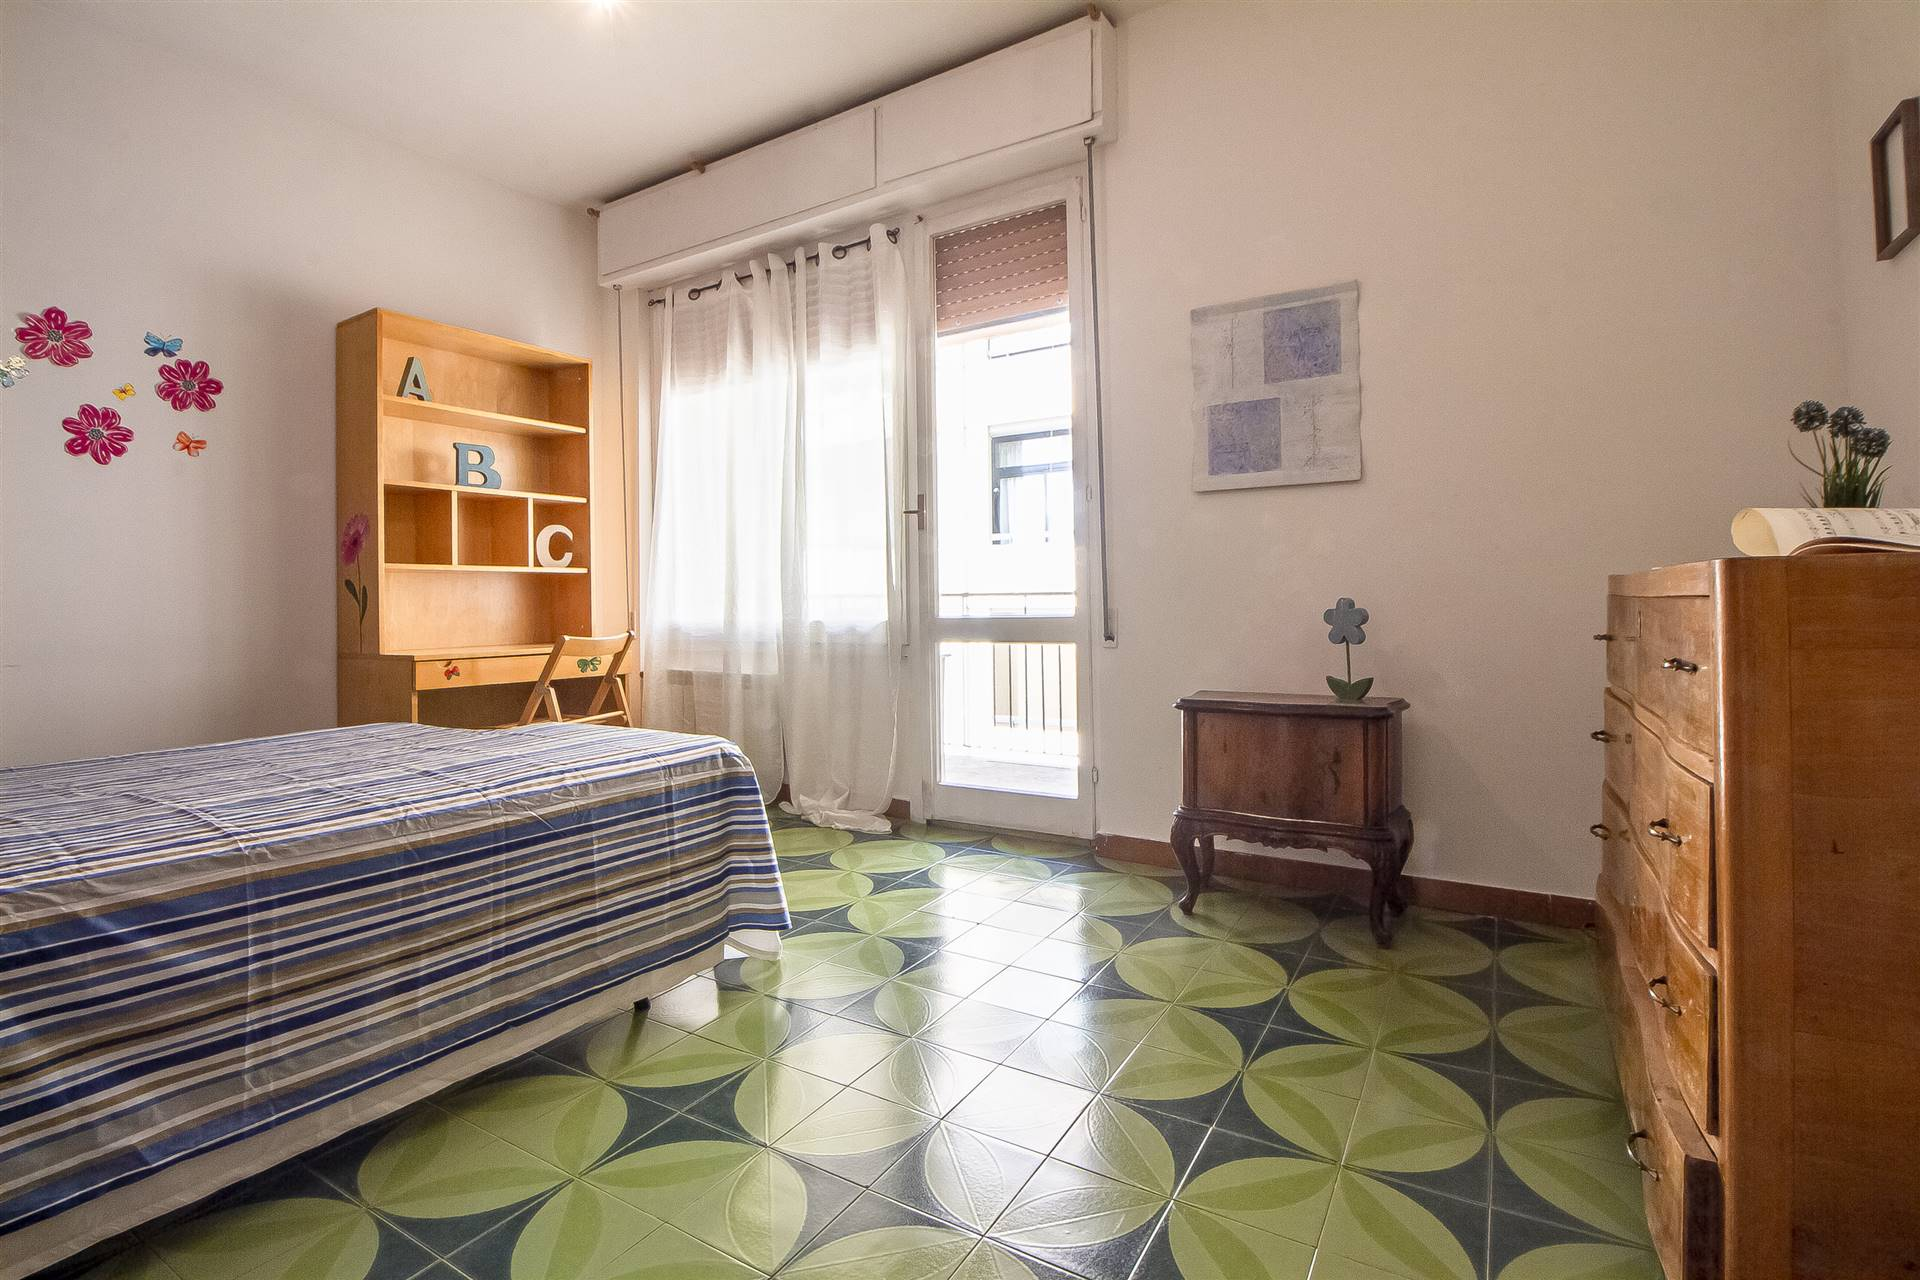 sala/camera  da letto